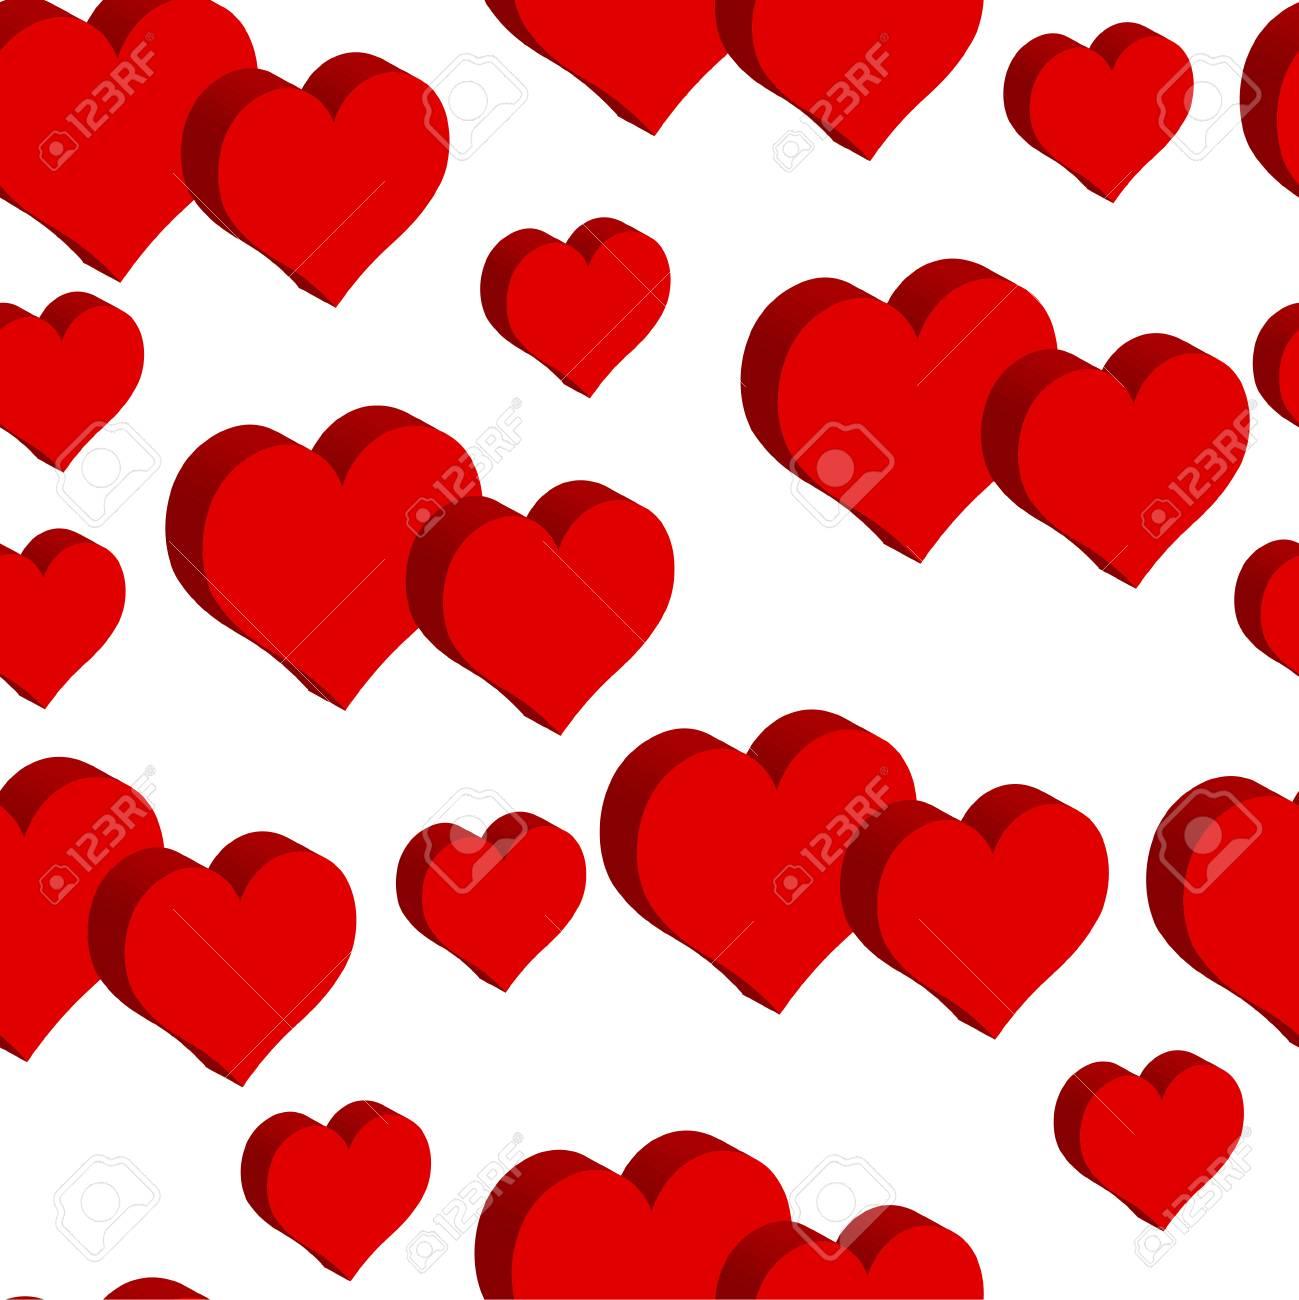 Schön Frohe Valentinstag Bilder Zu Färben Bilder - Malvorlagen Von ...